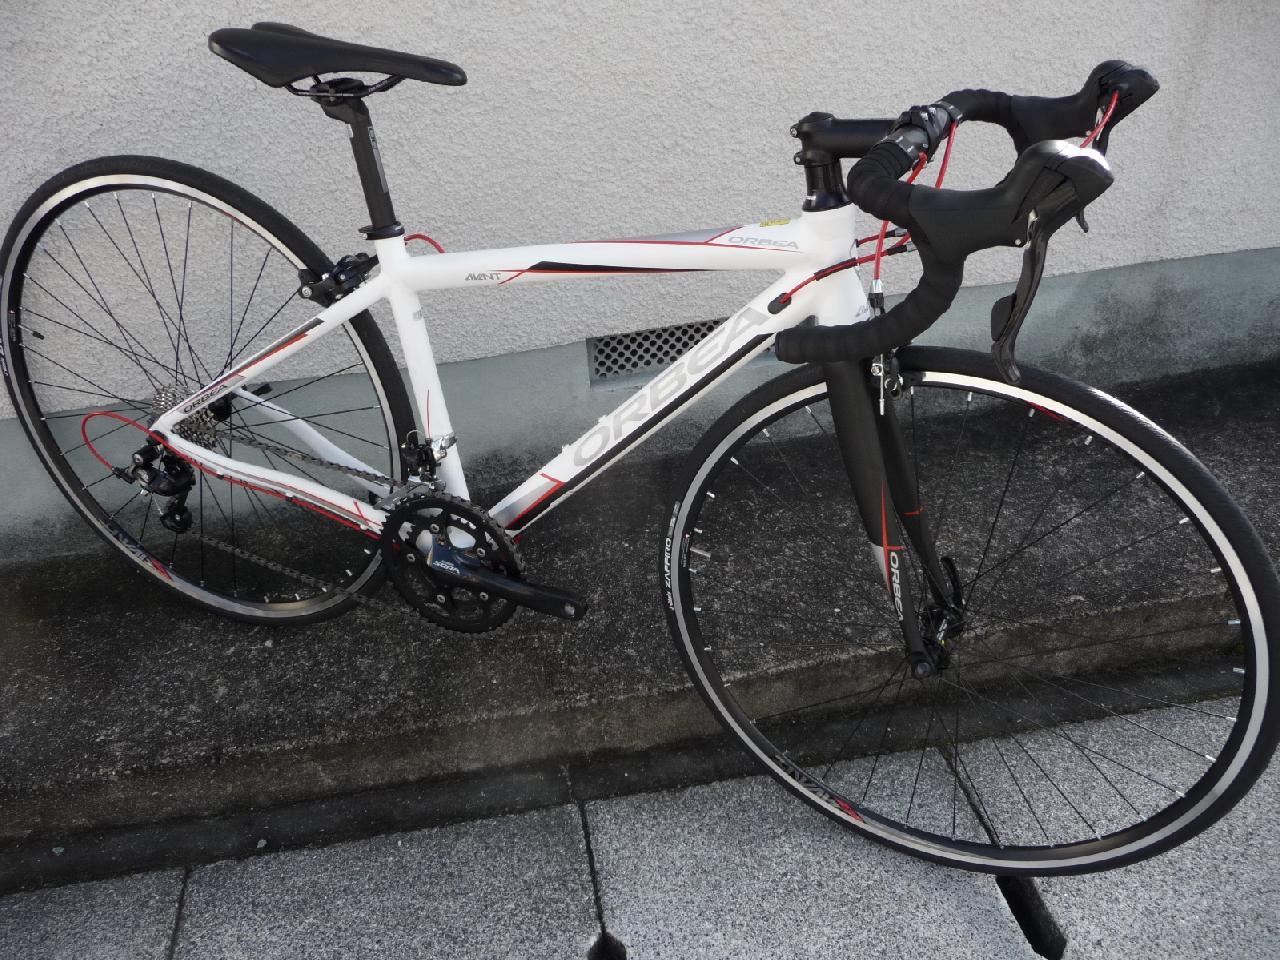 自転車の 自転車 フレームサイズ 小さい : 小さい写真をクリックすると ...